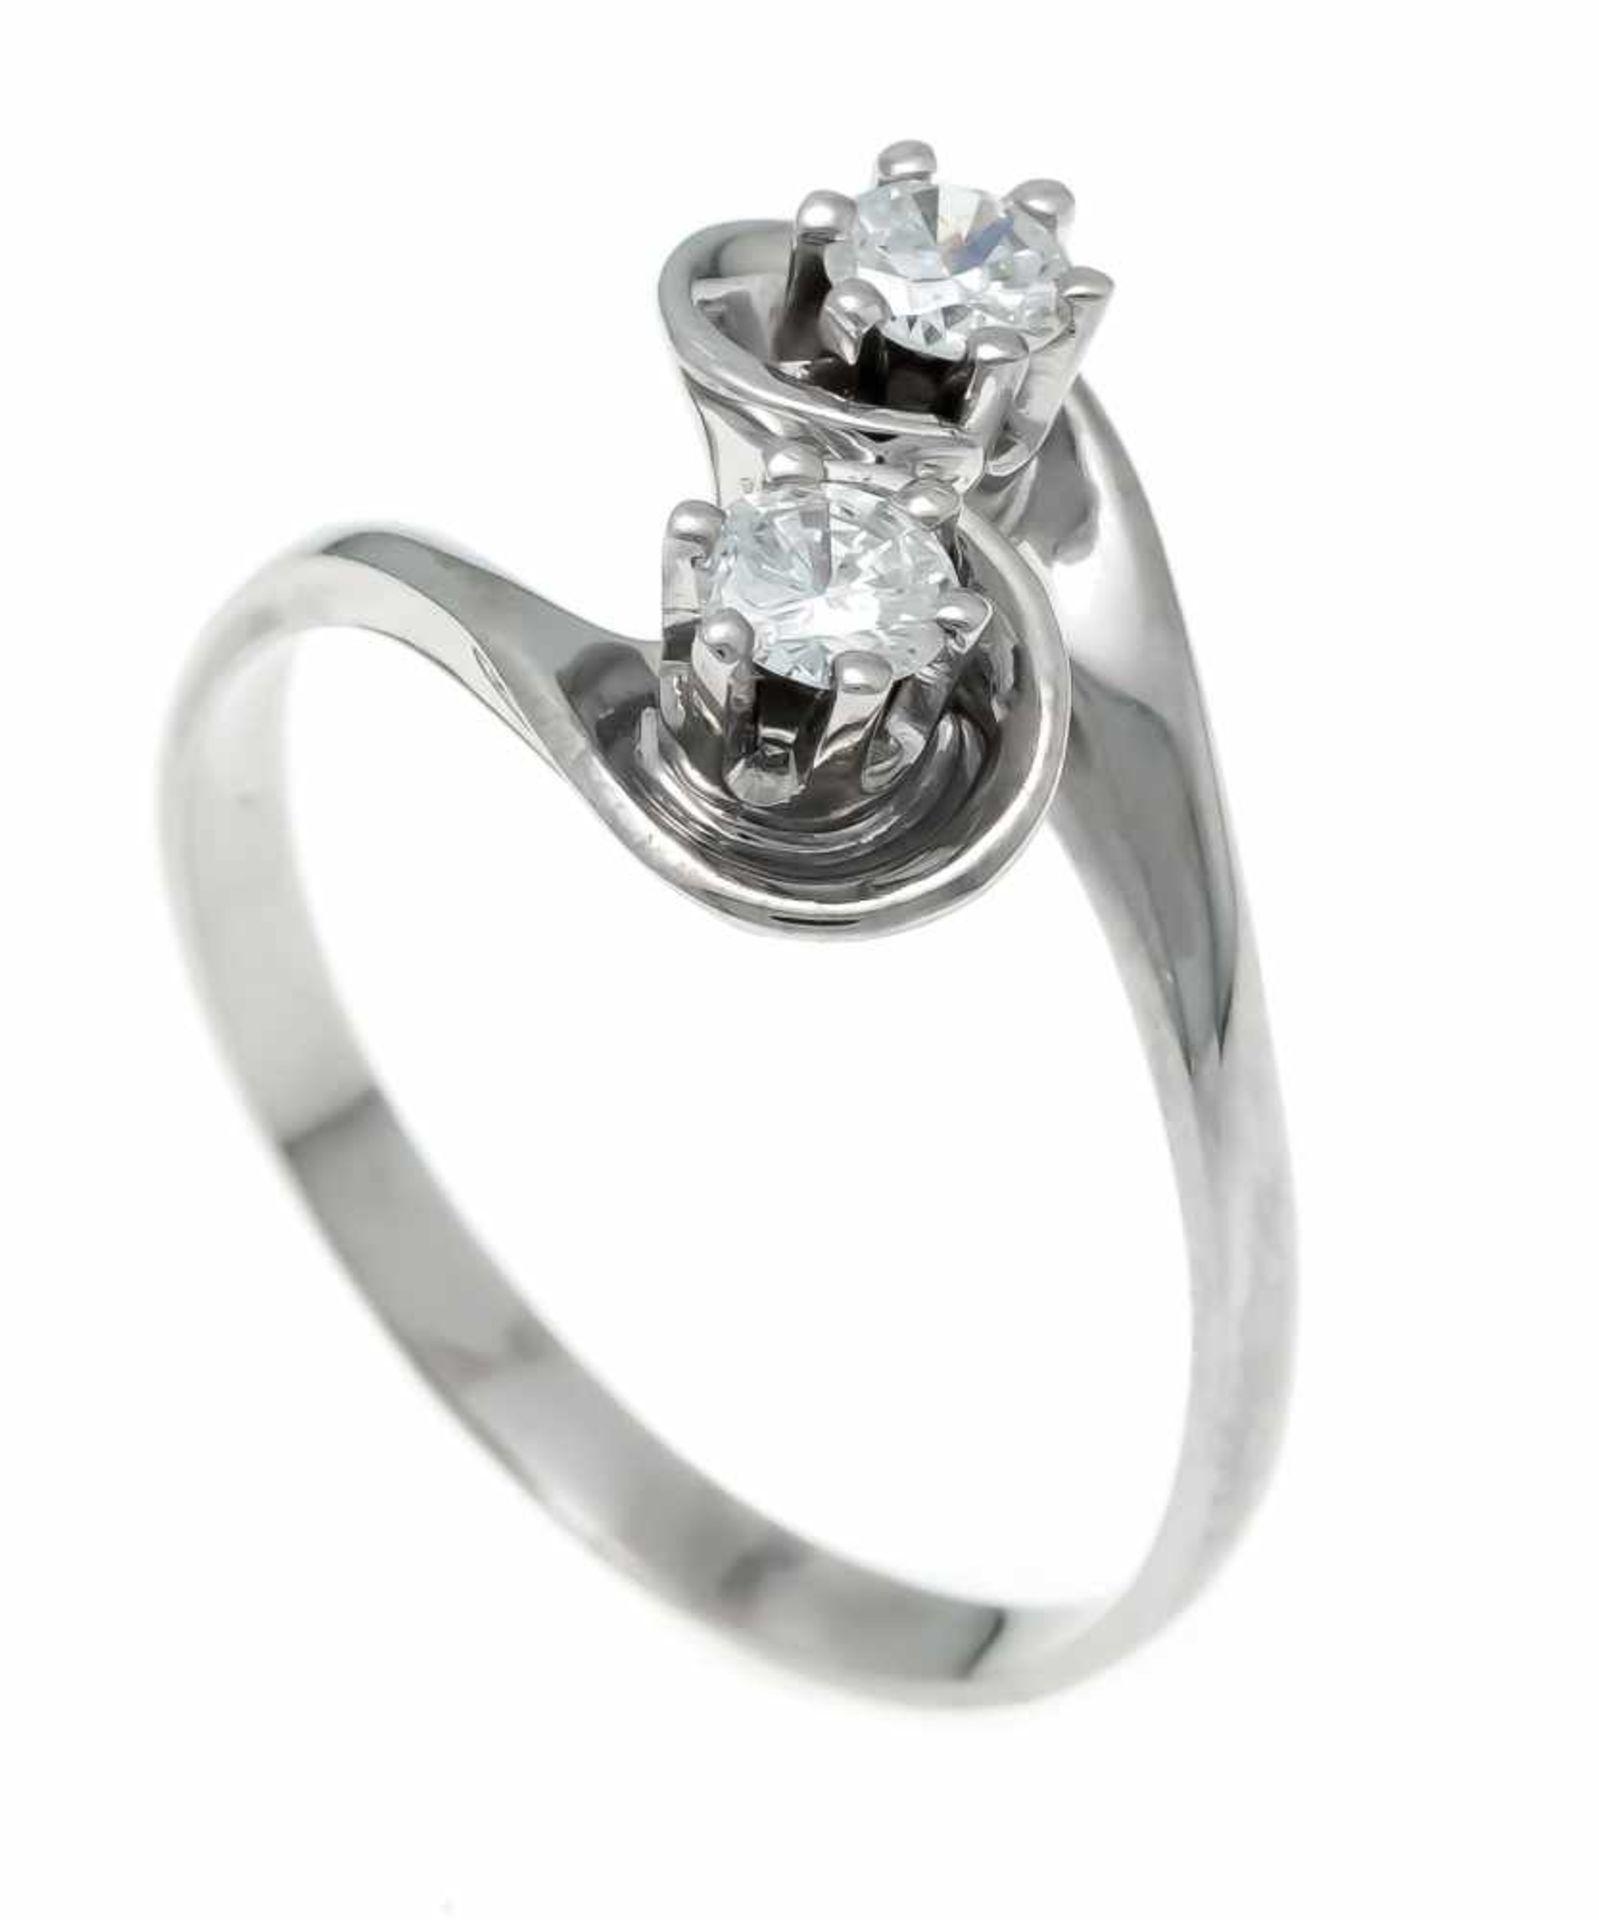 Brillant-Ring WG 750/000 ungest., gepr., mit 2 Brillanten, zus. 0,36 ct TW/VS, RG 55, 3,5 gDiamond